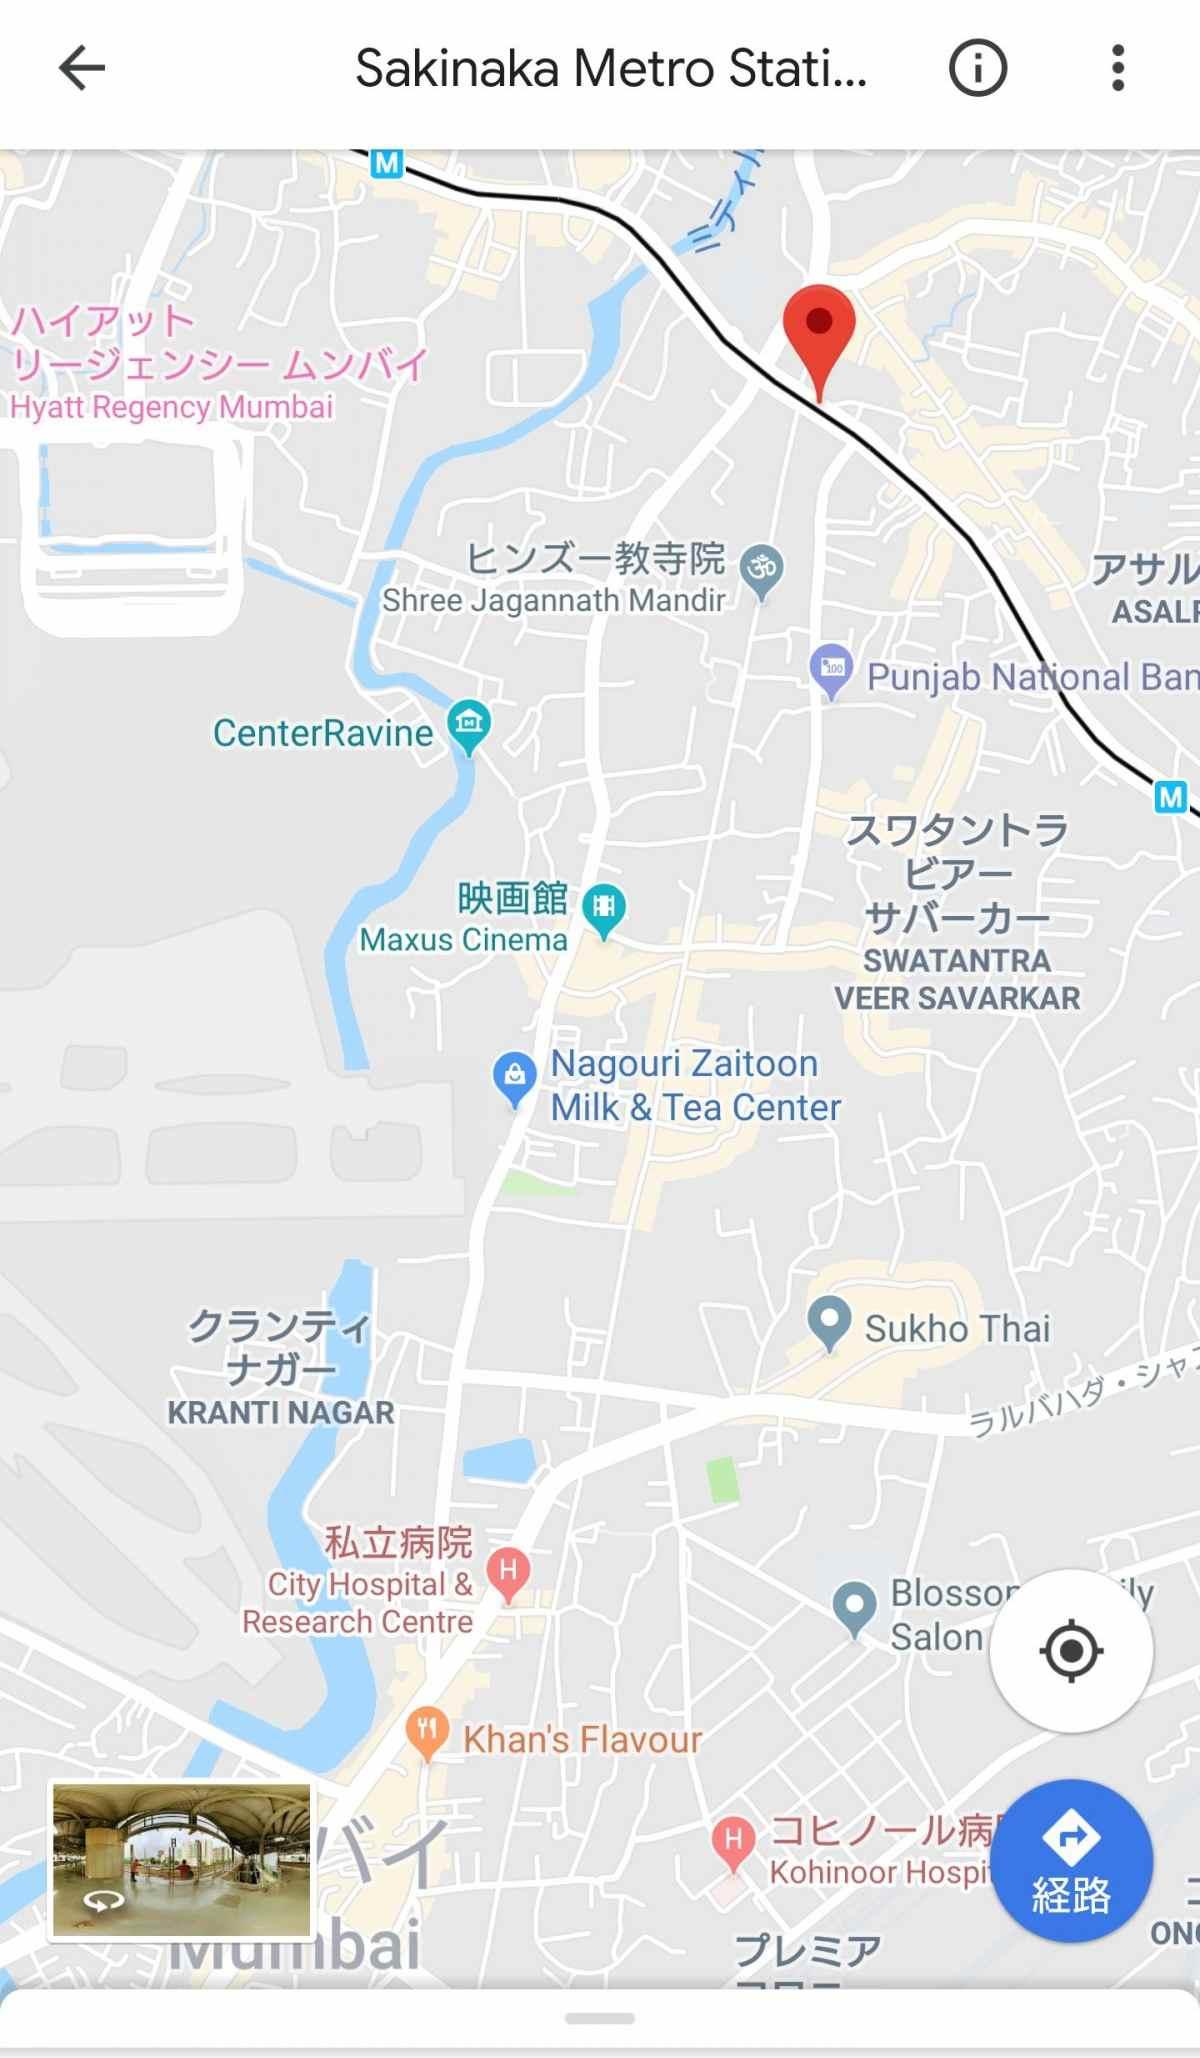 ムンバイ北部からカーンズフレイバーまでの地図